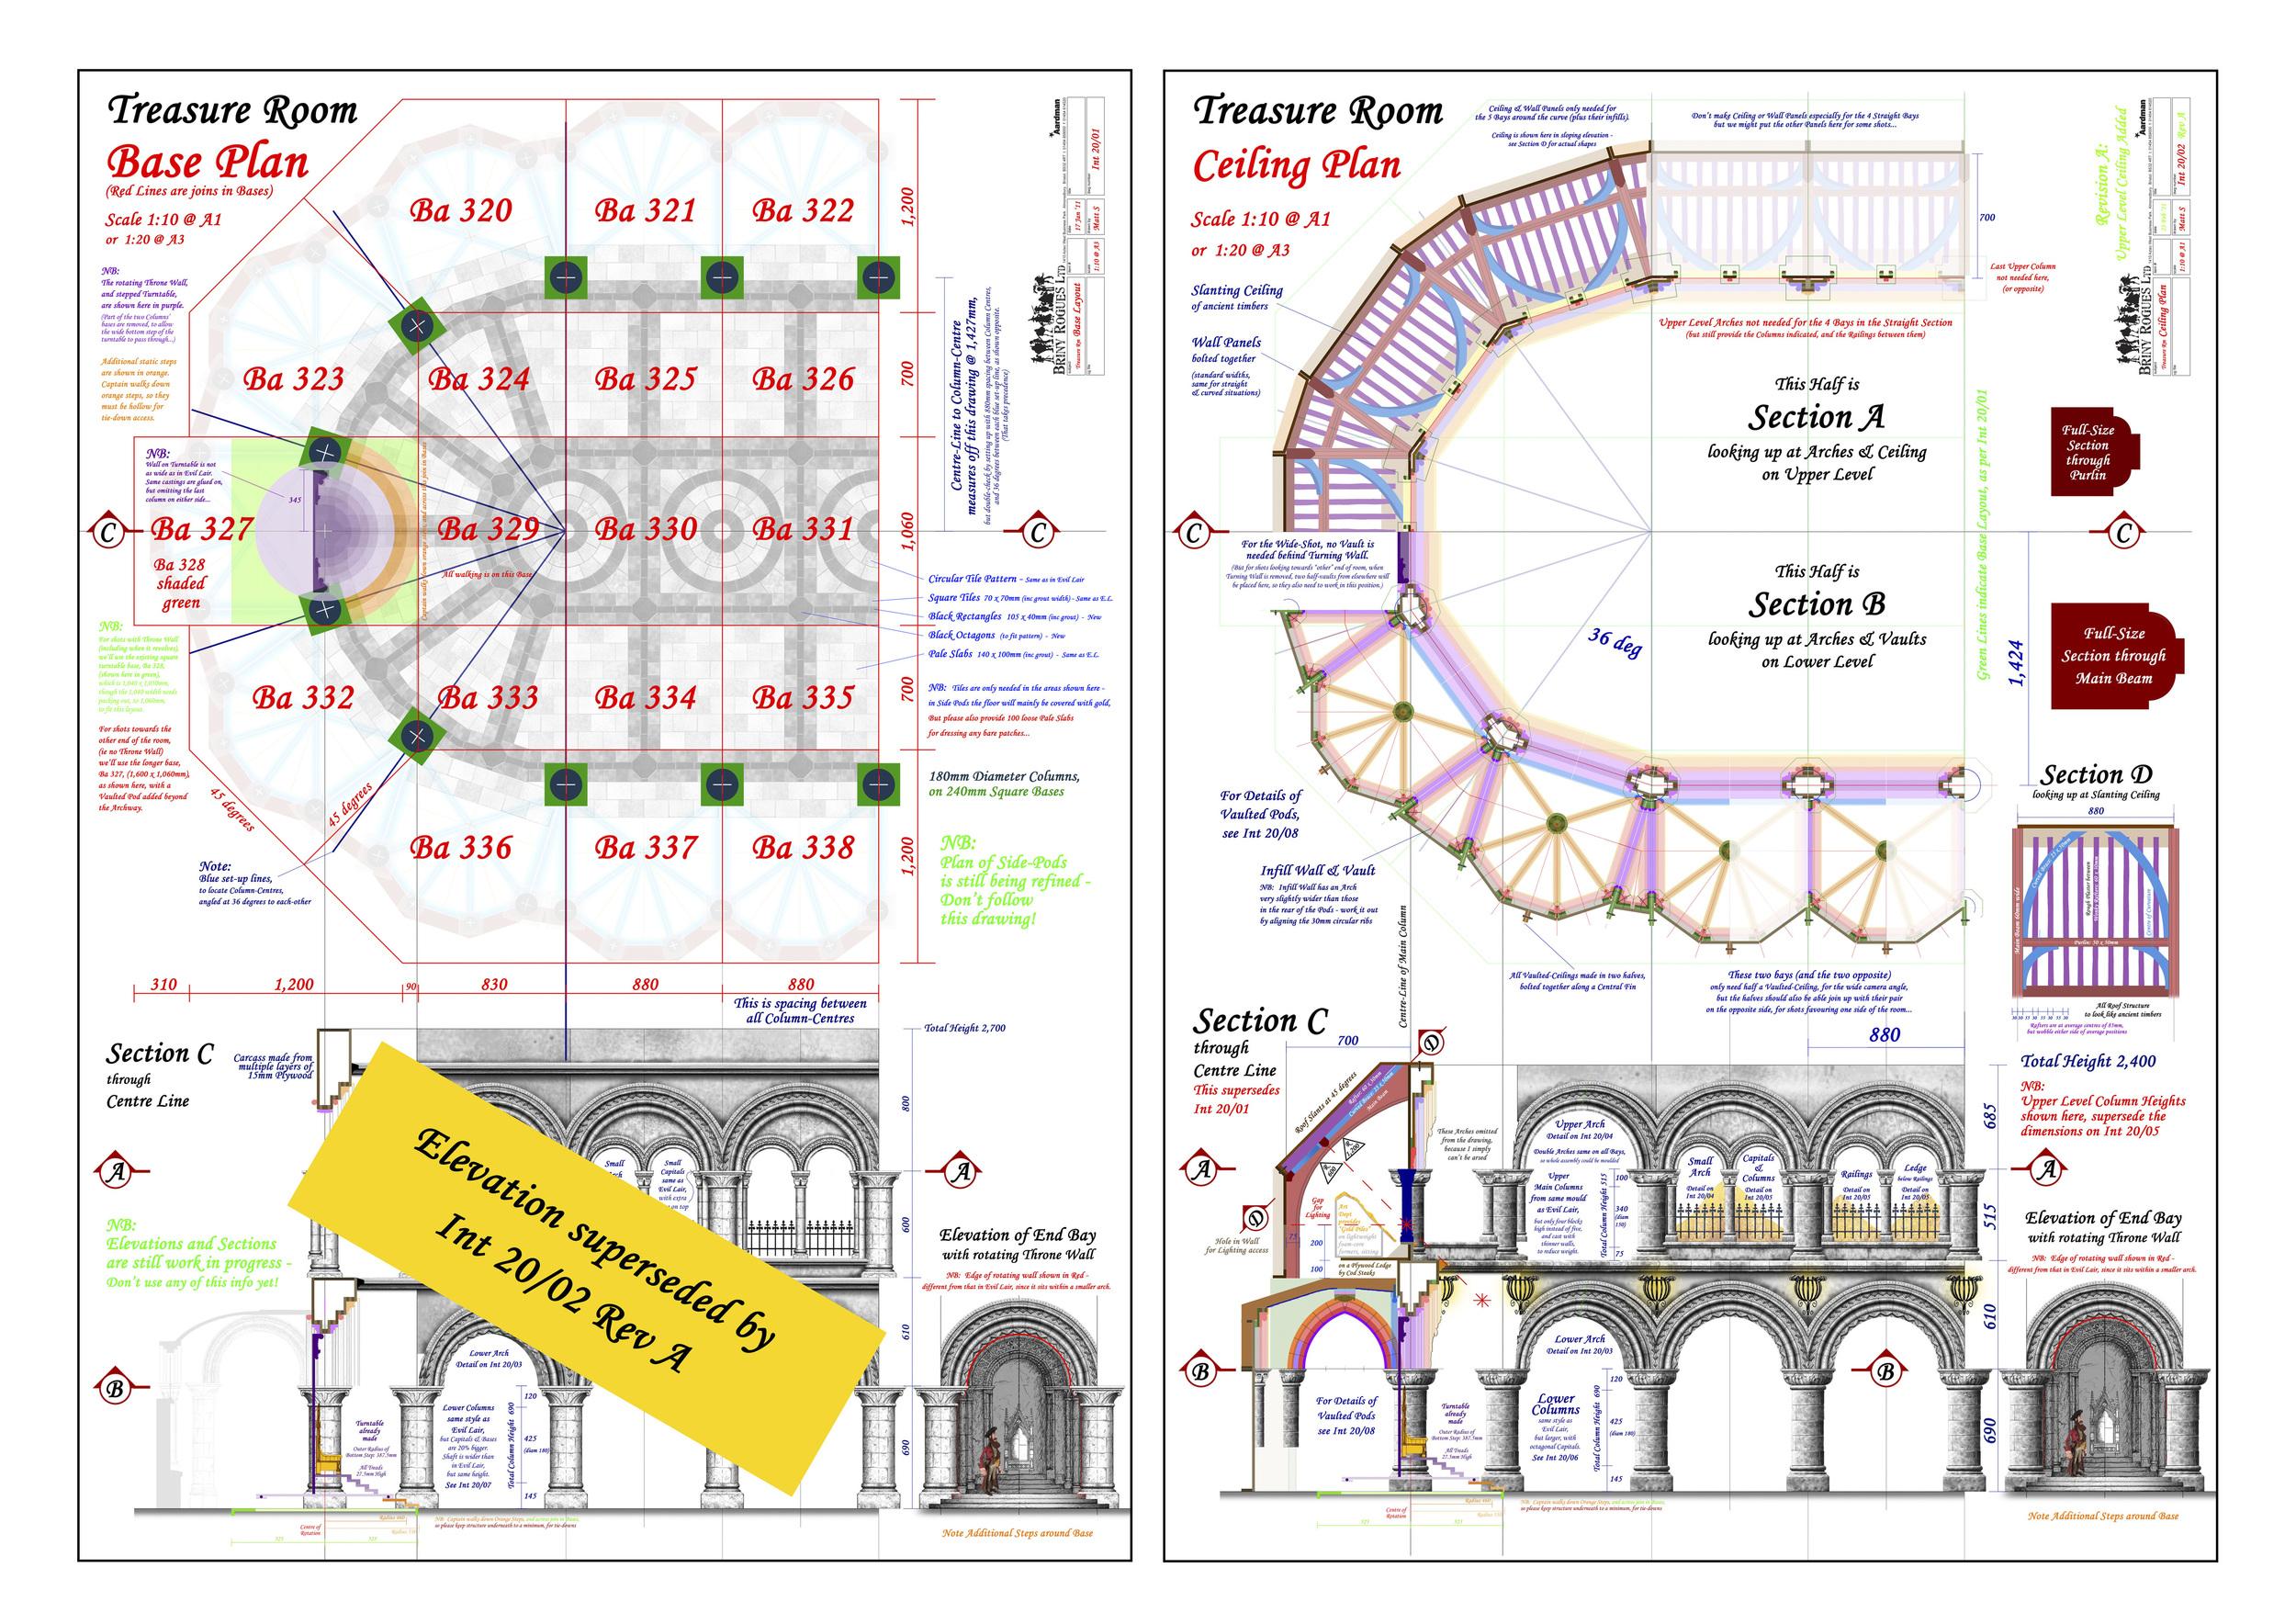 TREASURE ROOM PLANS.jpg